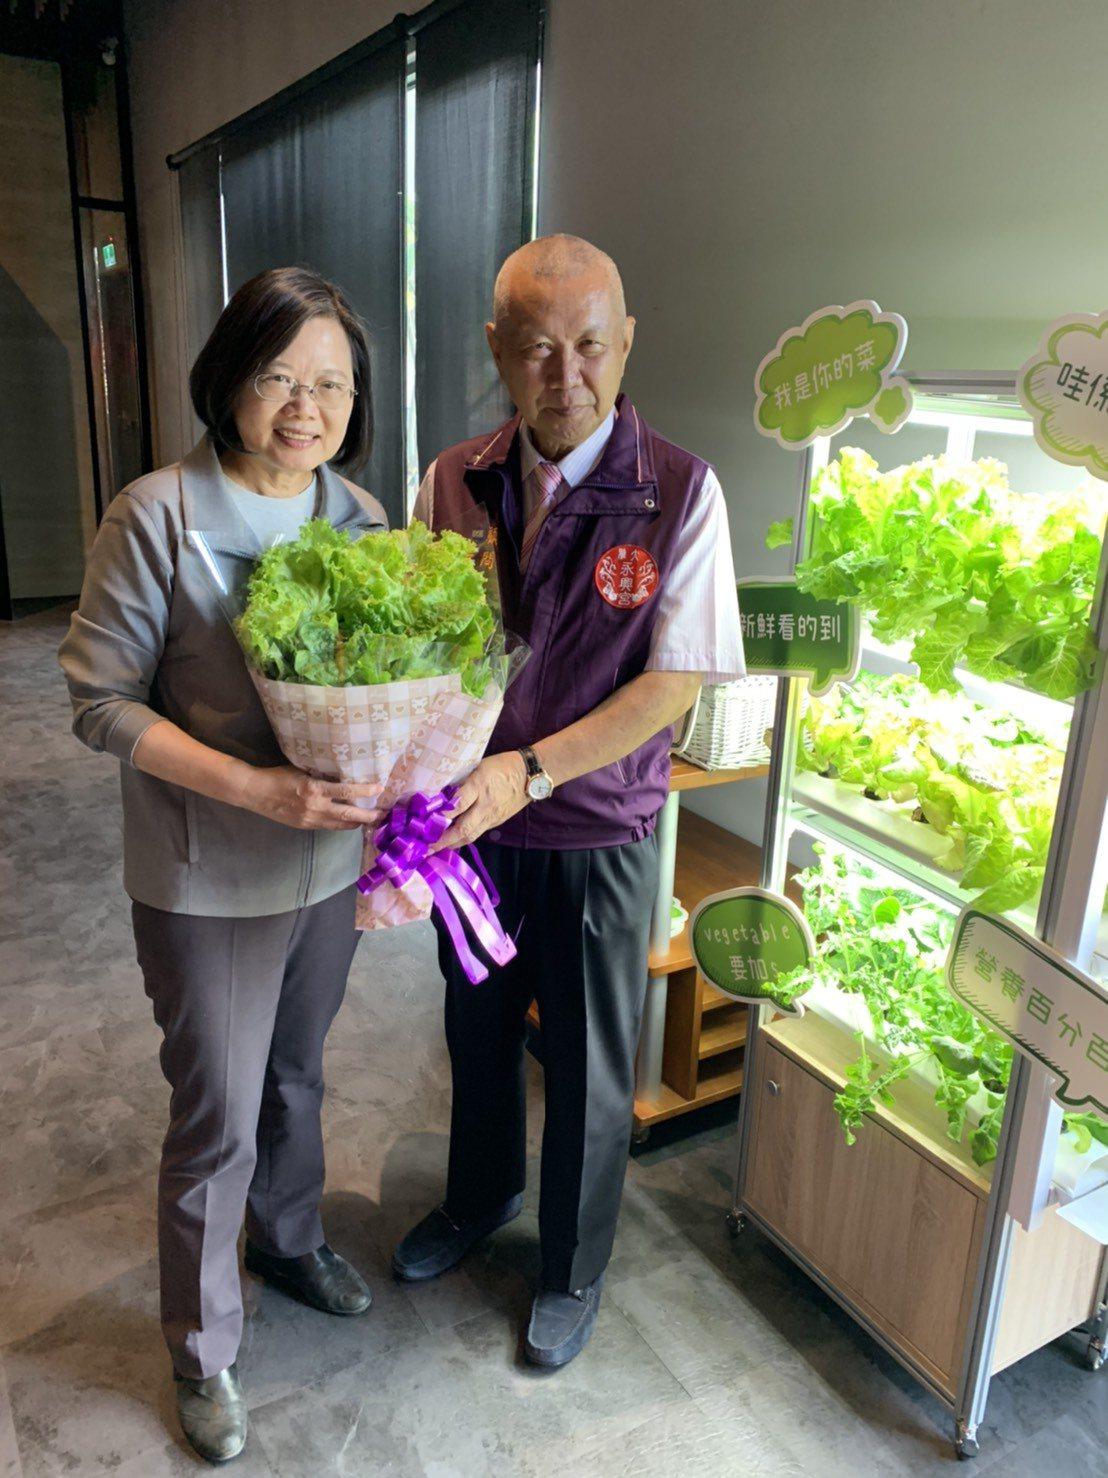 大雅廚具公司贈送蔡英文總統蔬菜花束。圖/大雅廚具公司提供